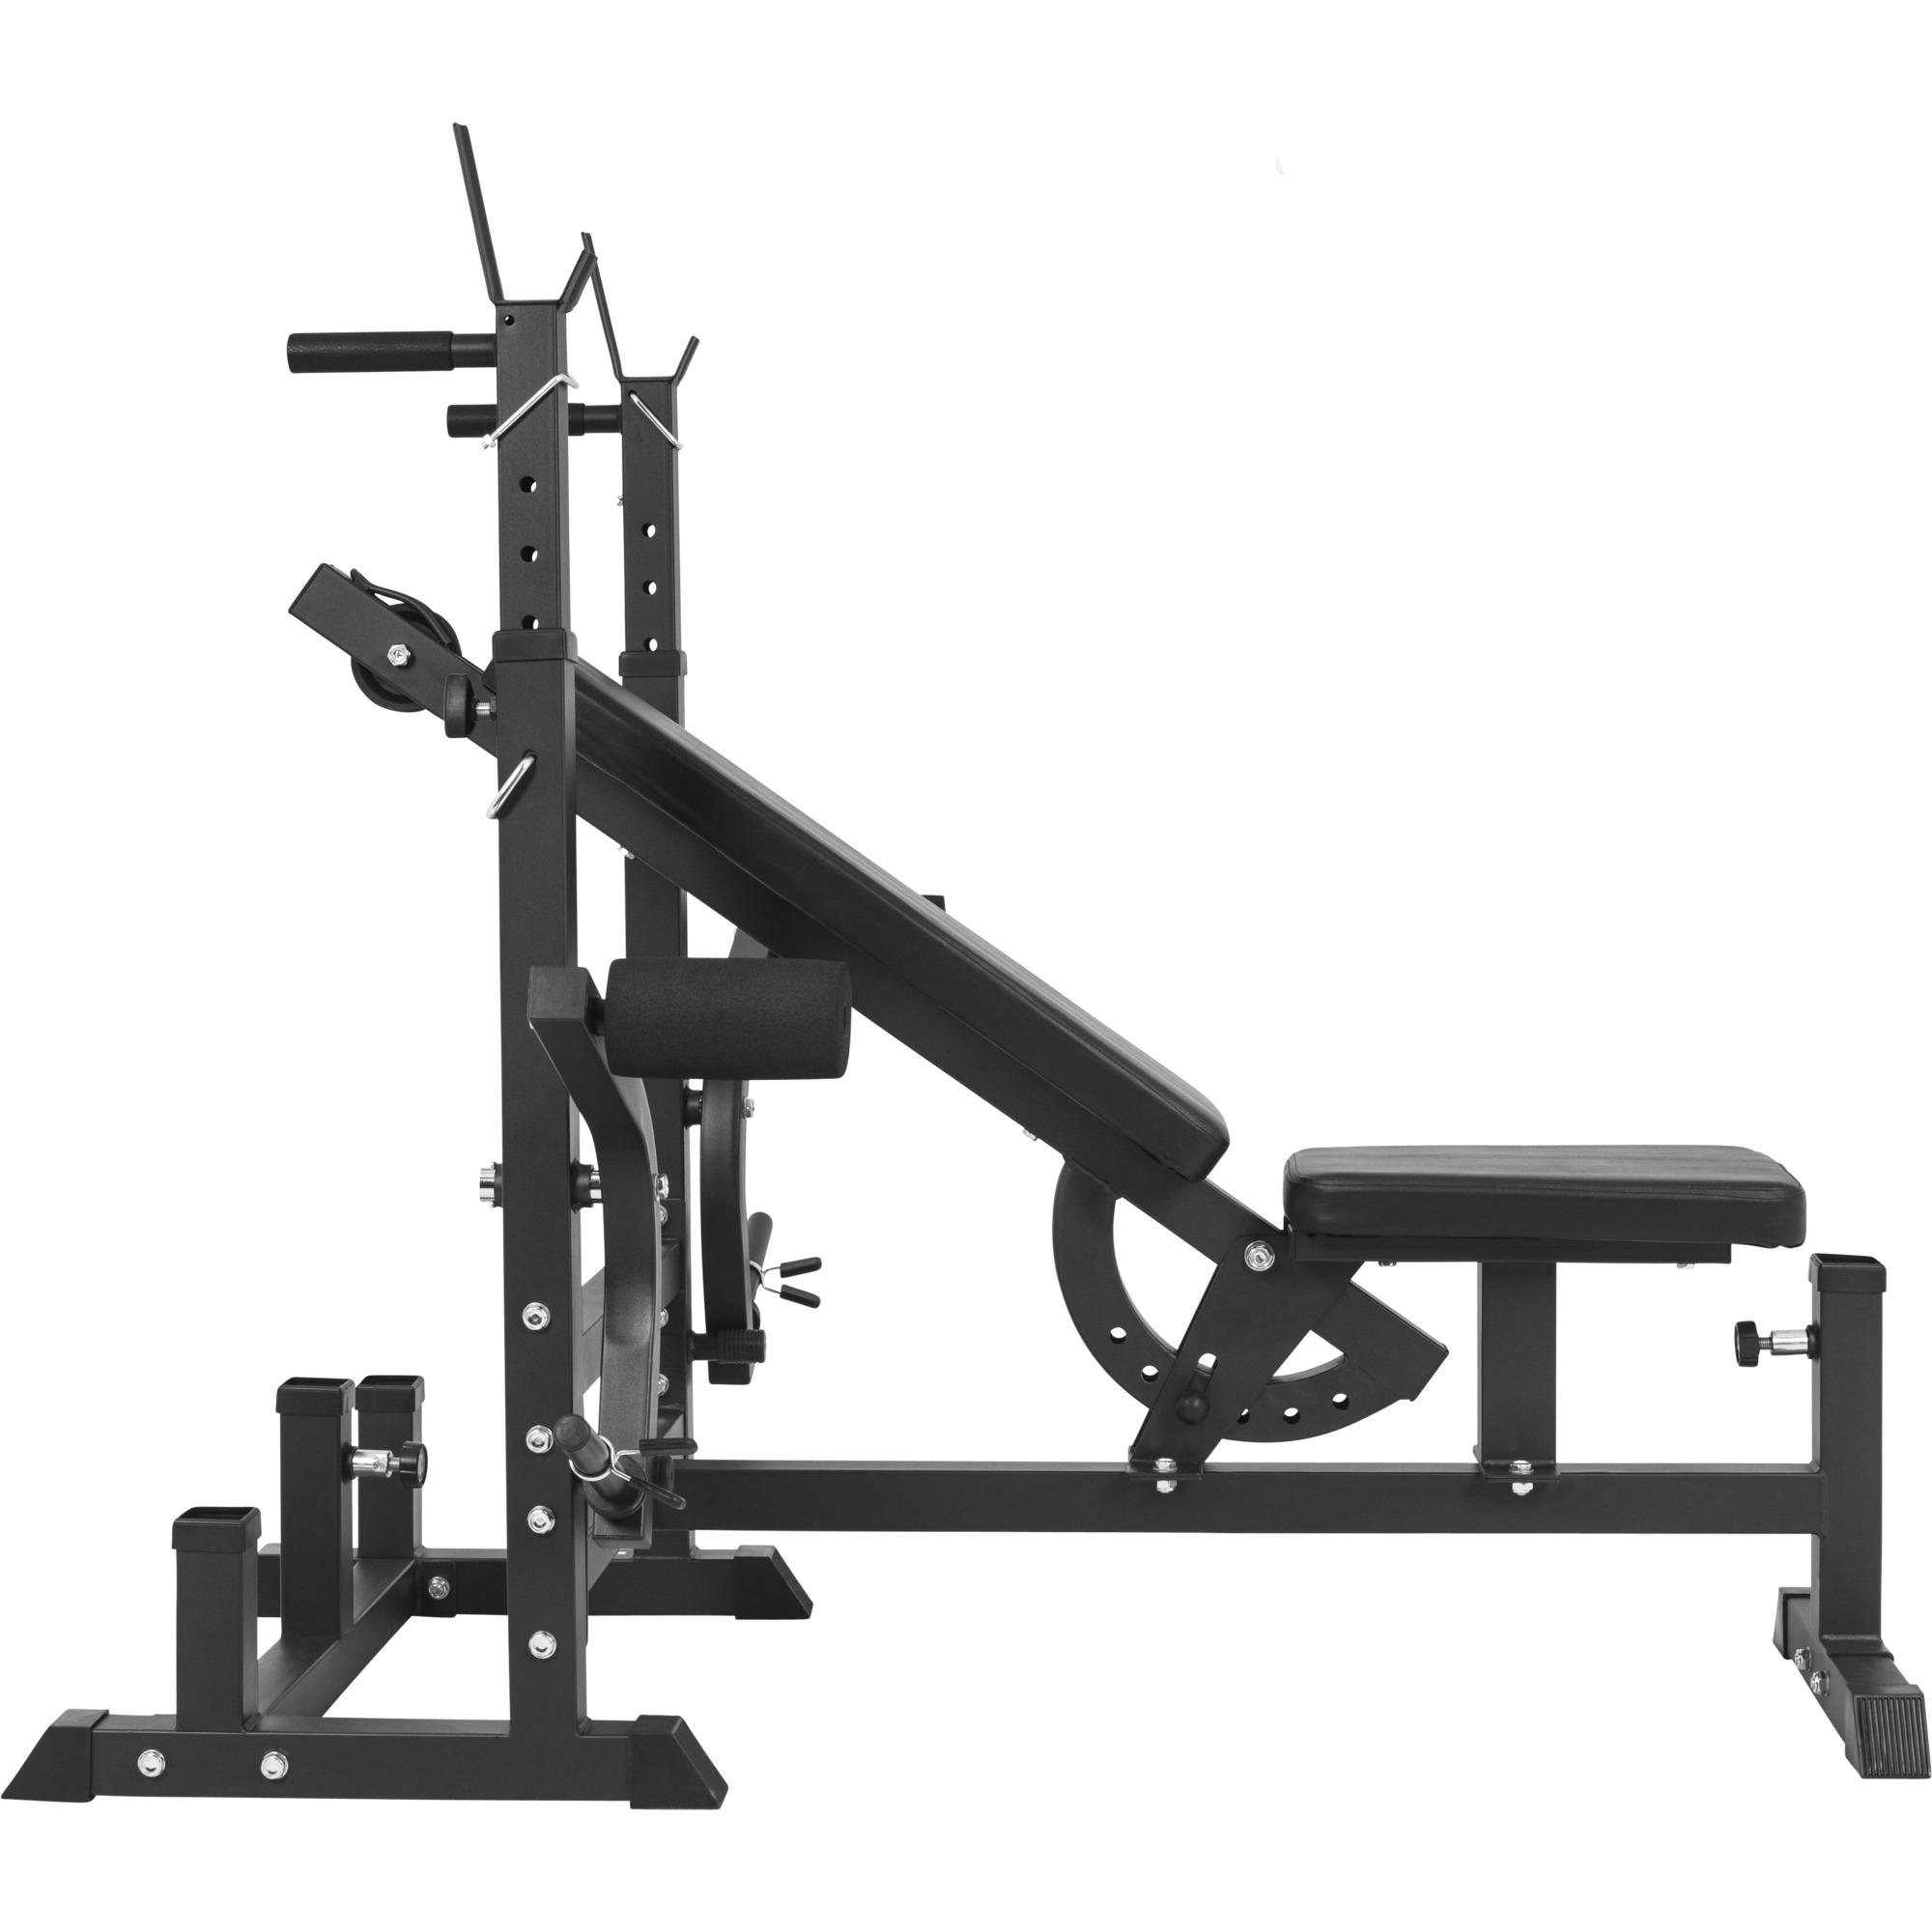 Gorilla Sports Banc De Musculation Universel Avec Support Pour